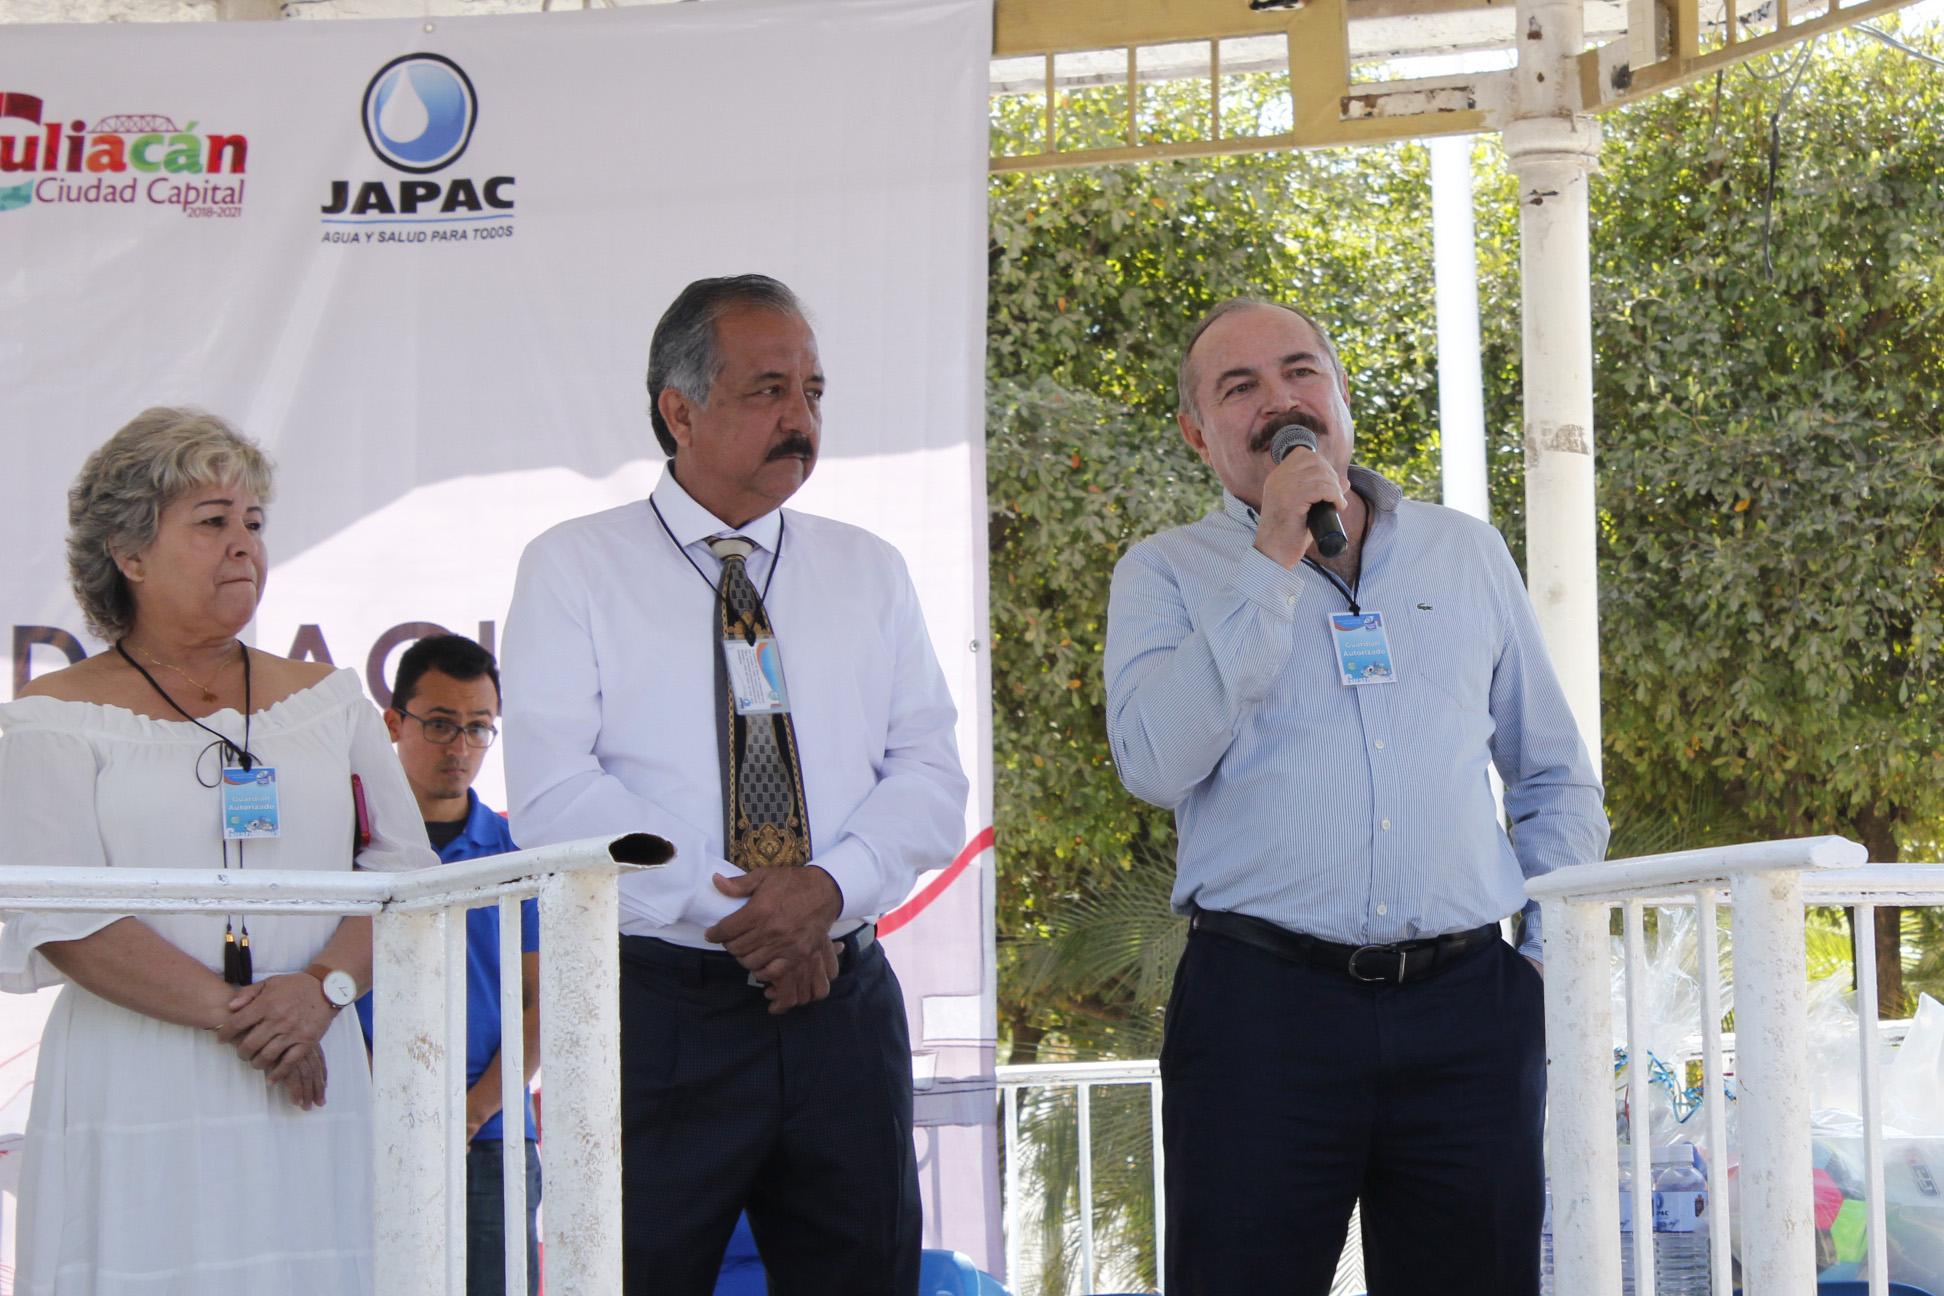 Japac-noticias-dia-mundial-del-agua-18